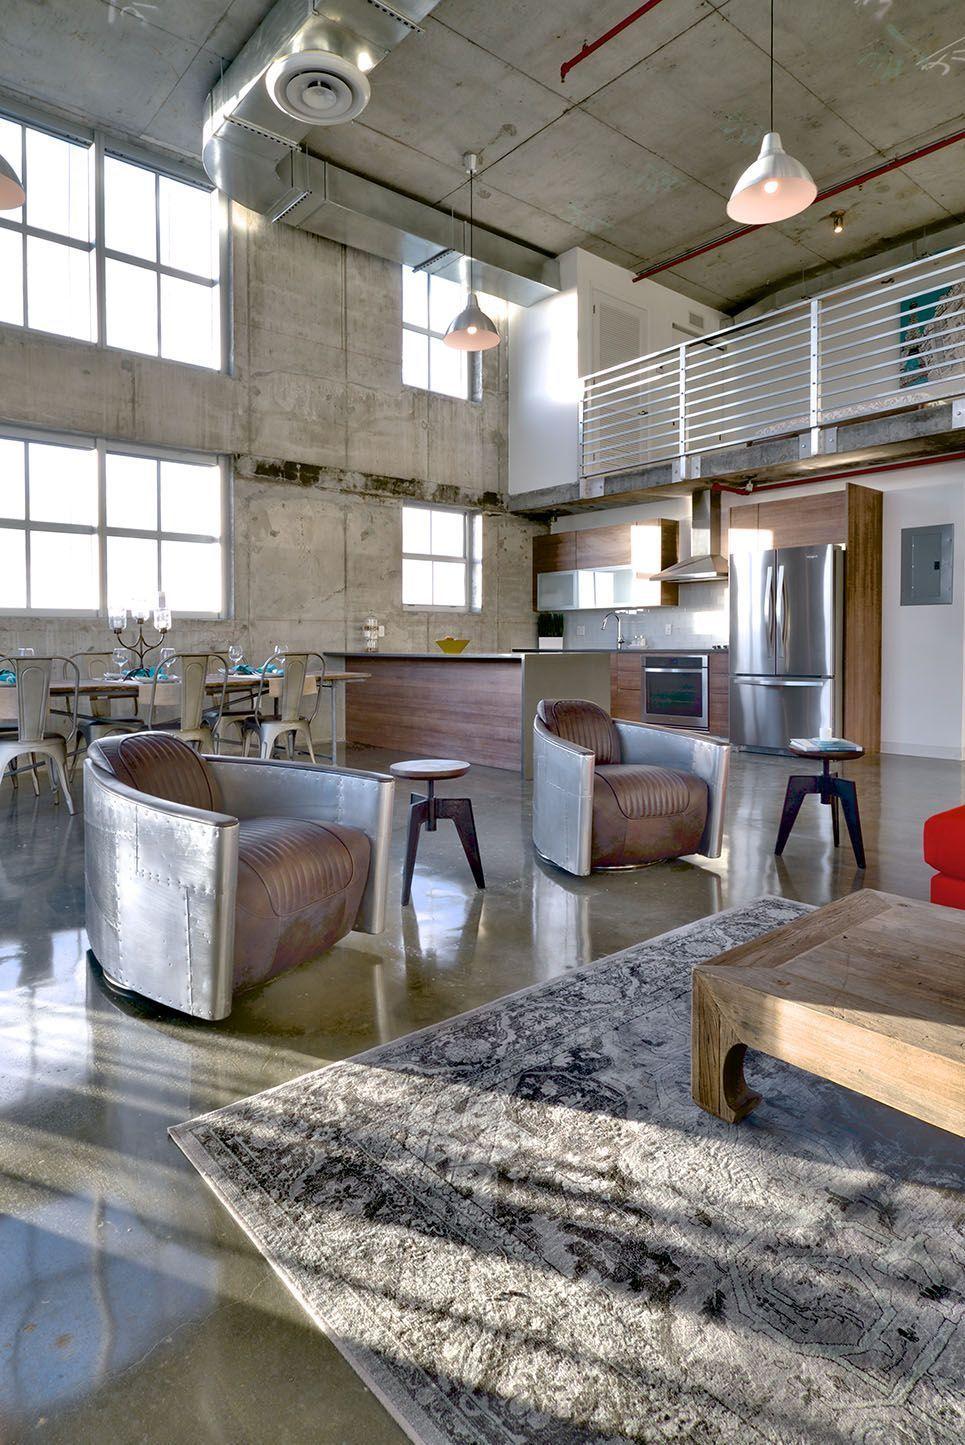 Les grands locaux de l'usine sont devenus un endroit idéal pour organiser à la fois des ateliers d'art et des logements